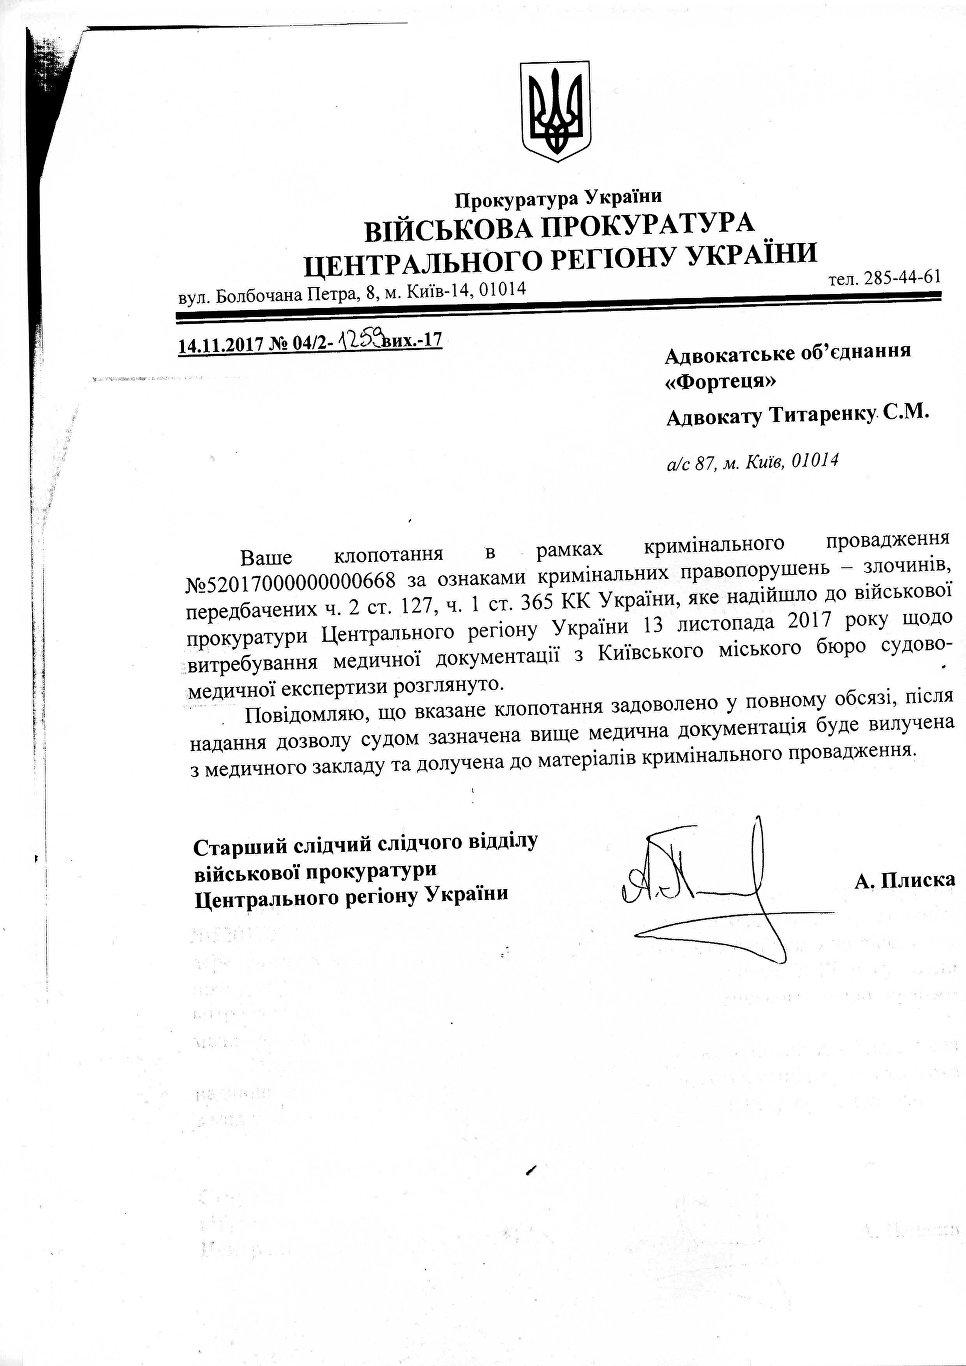 Письмо из военной прокуратуры адвокату Сергея Сановского Сергею Титоренко по поводу медицинских документов, подтверждающих факт избиения Сановского в СБУ.